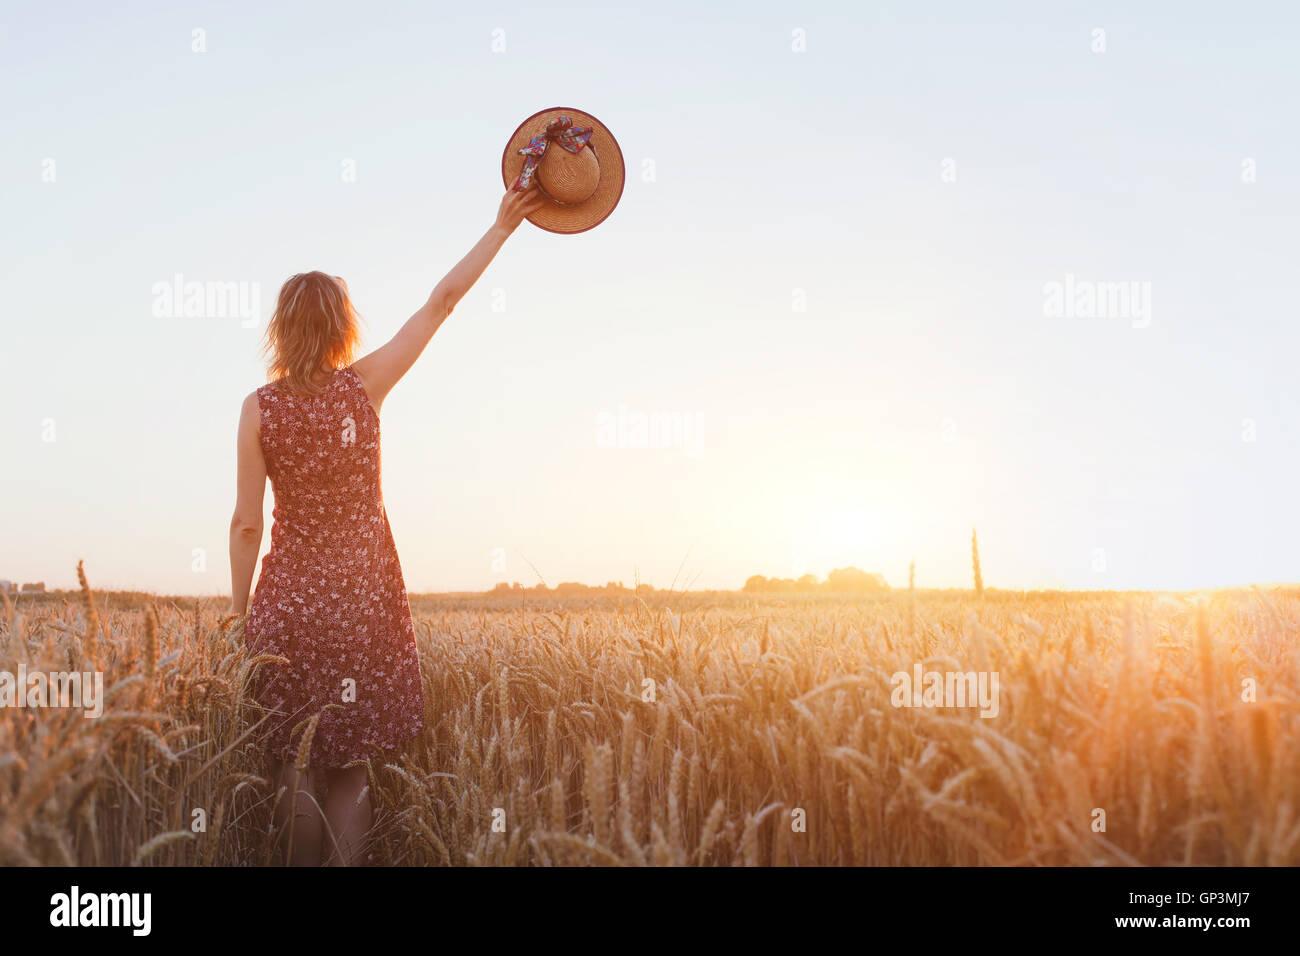 Adiós o antecedentes de despedida, adiós, mujer agitando la mano en el campo Imagen De Stock